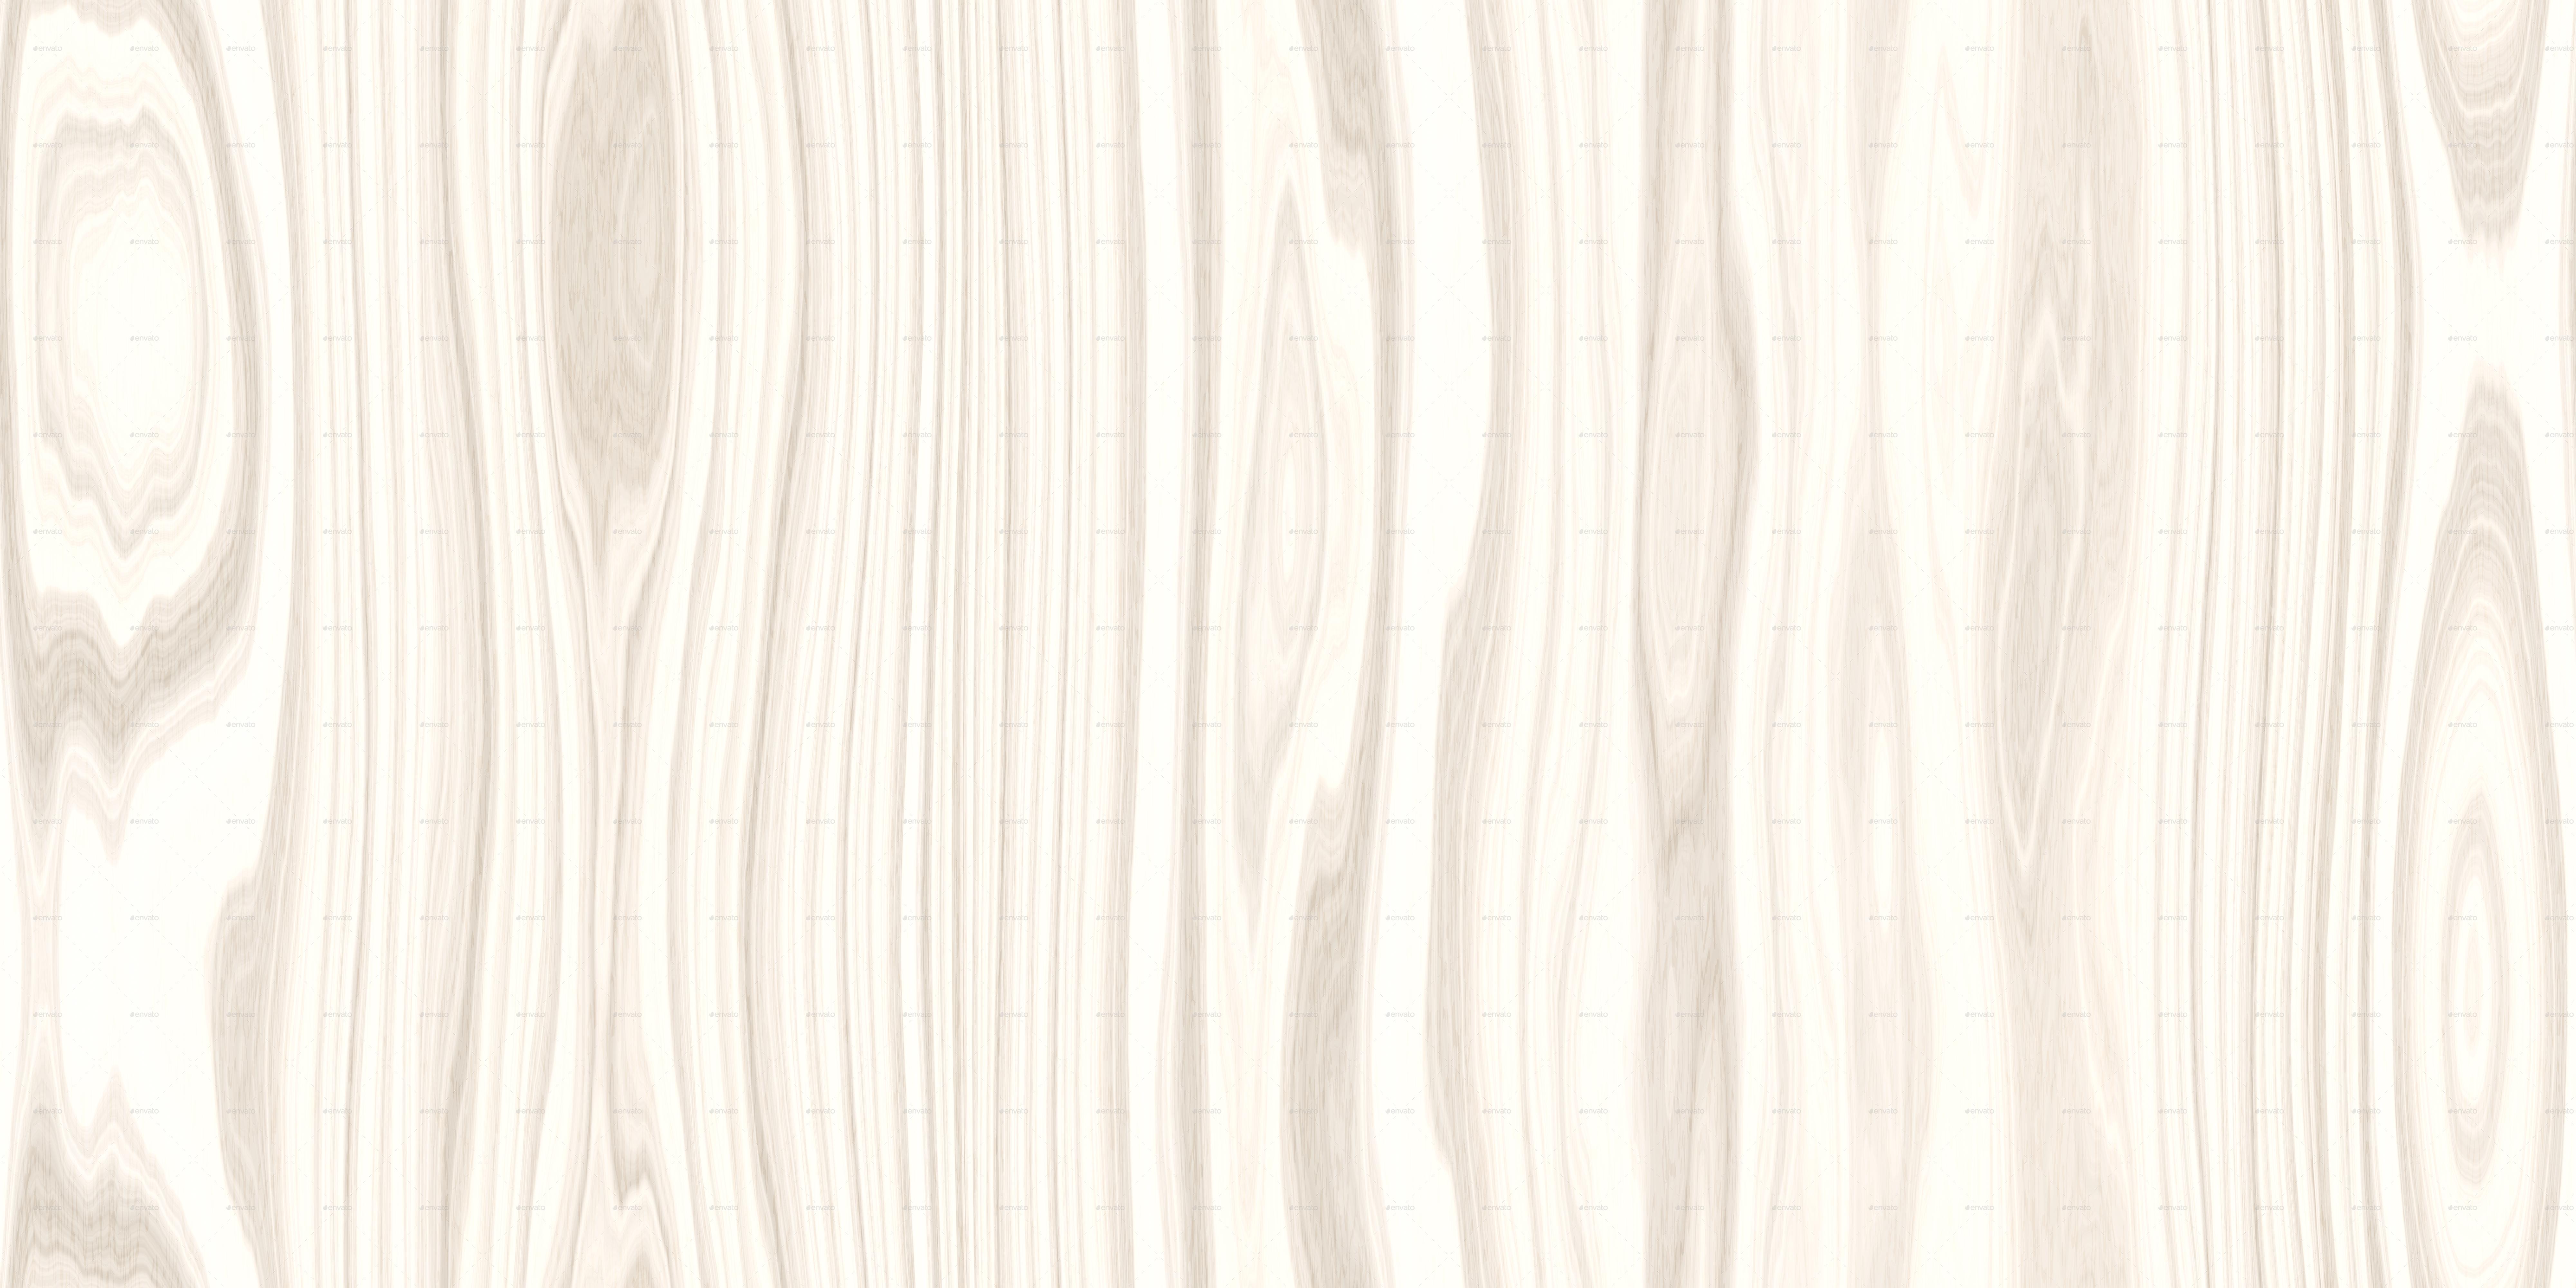 ... Seamless White Wood Texture 4 ...